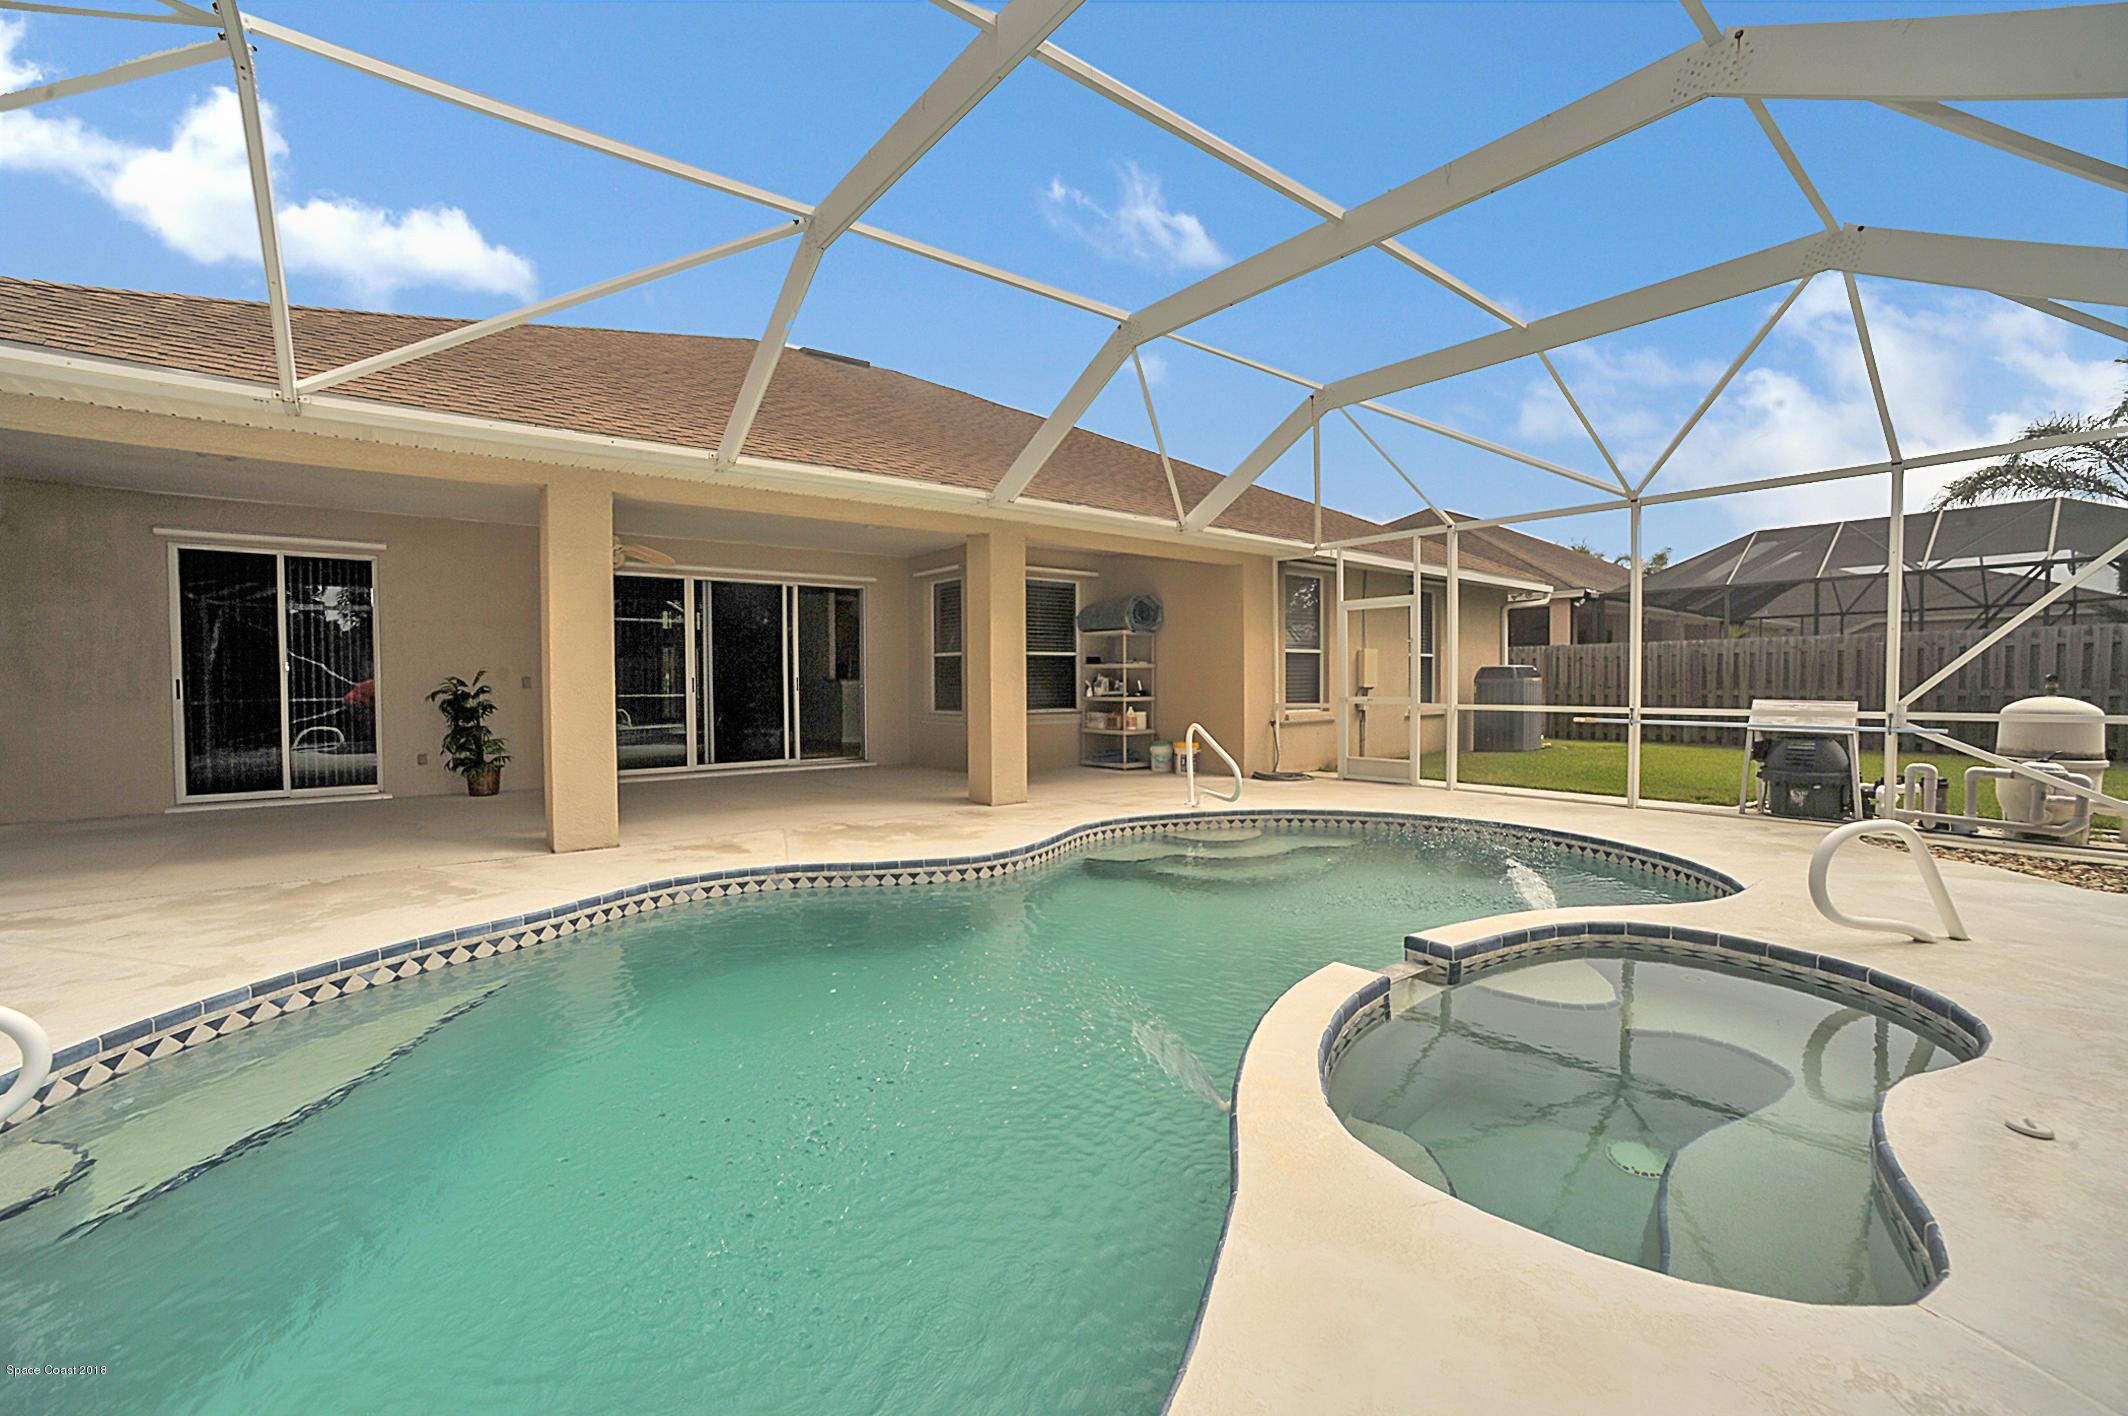 獨棟家庭住宅 為 出售 在 2553 Woodfield 2553 Woodfield West Melbourne, 佛羅里達州 32904 美國